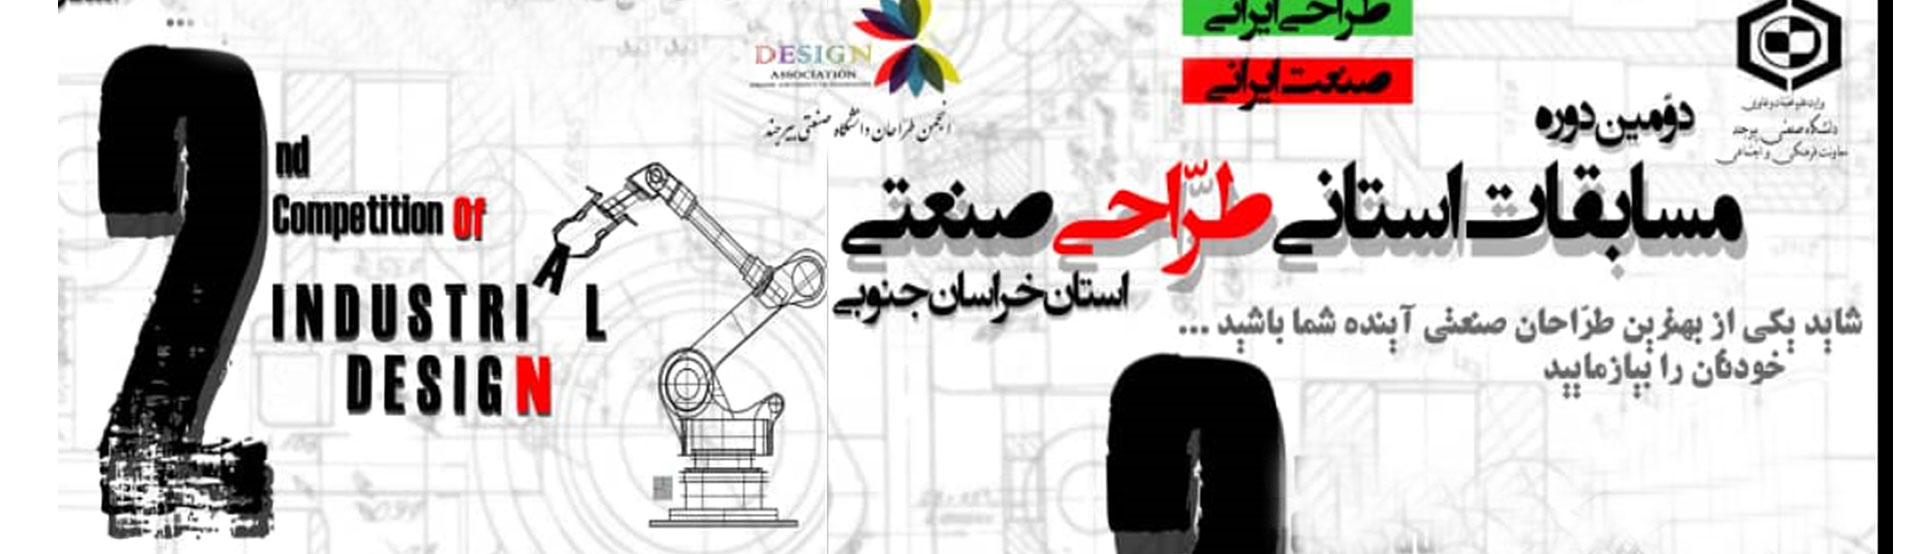 دومین دوره مسابقات استانی طراحی صنعتی